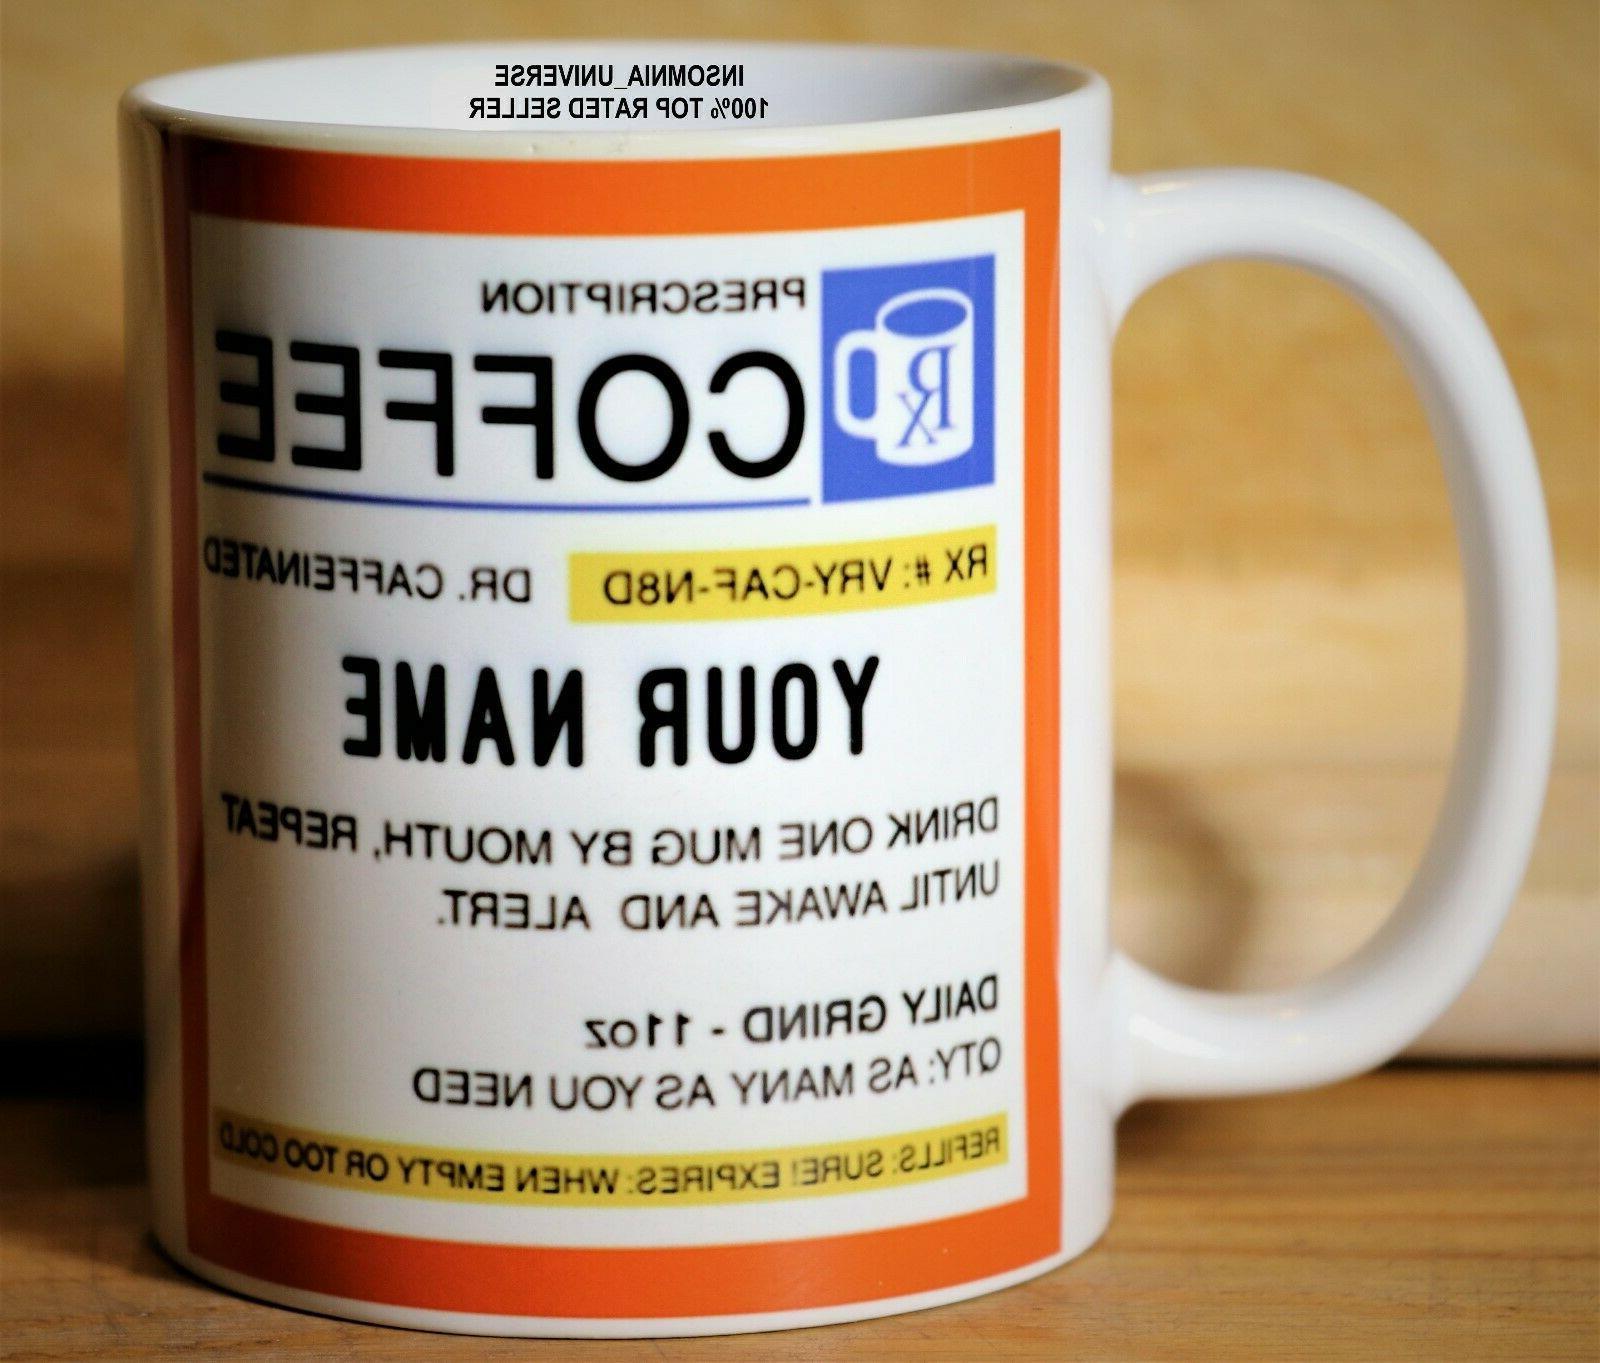 Personalized Prescription Mug!!! Perfect Gift!